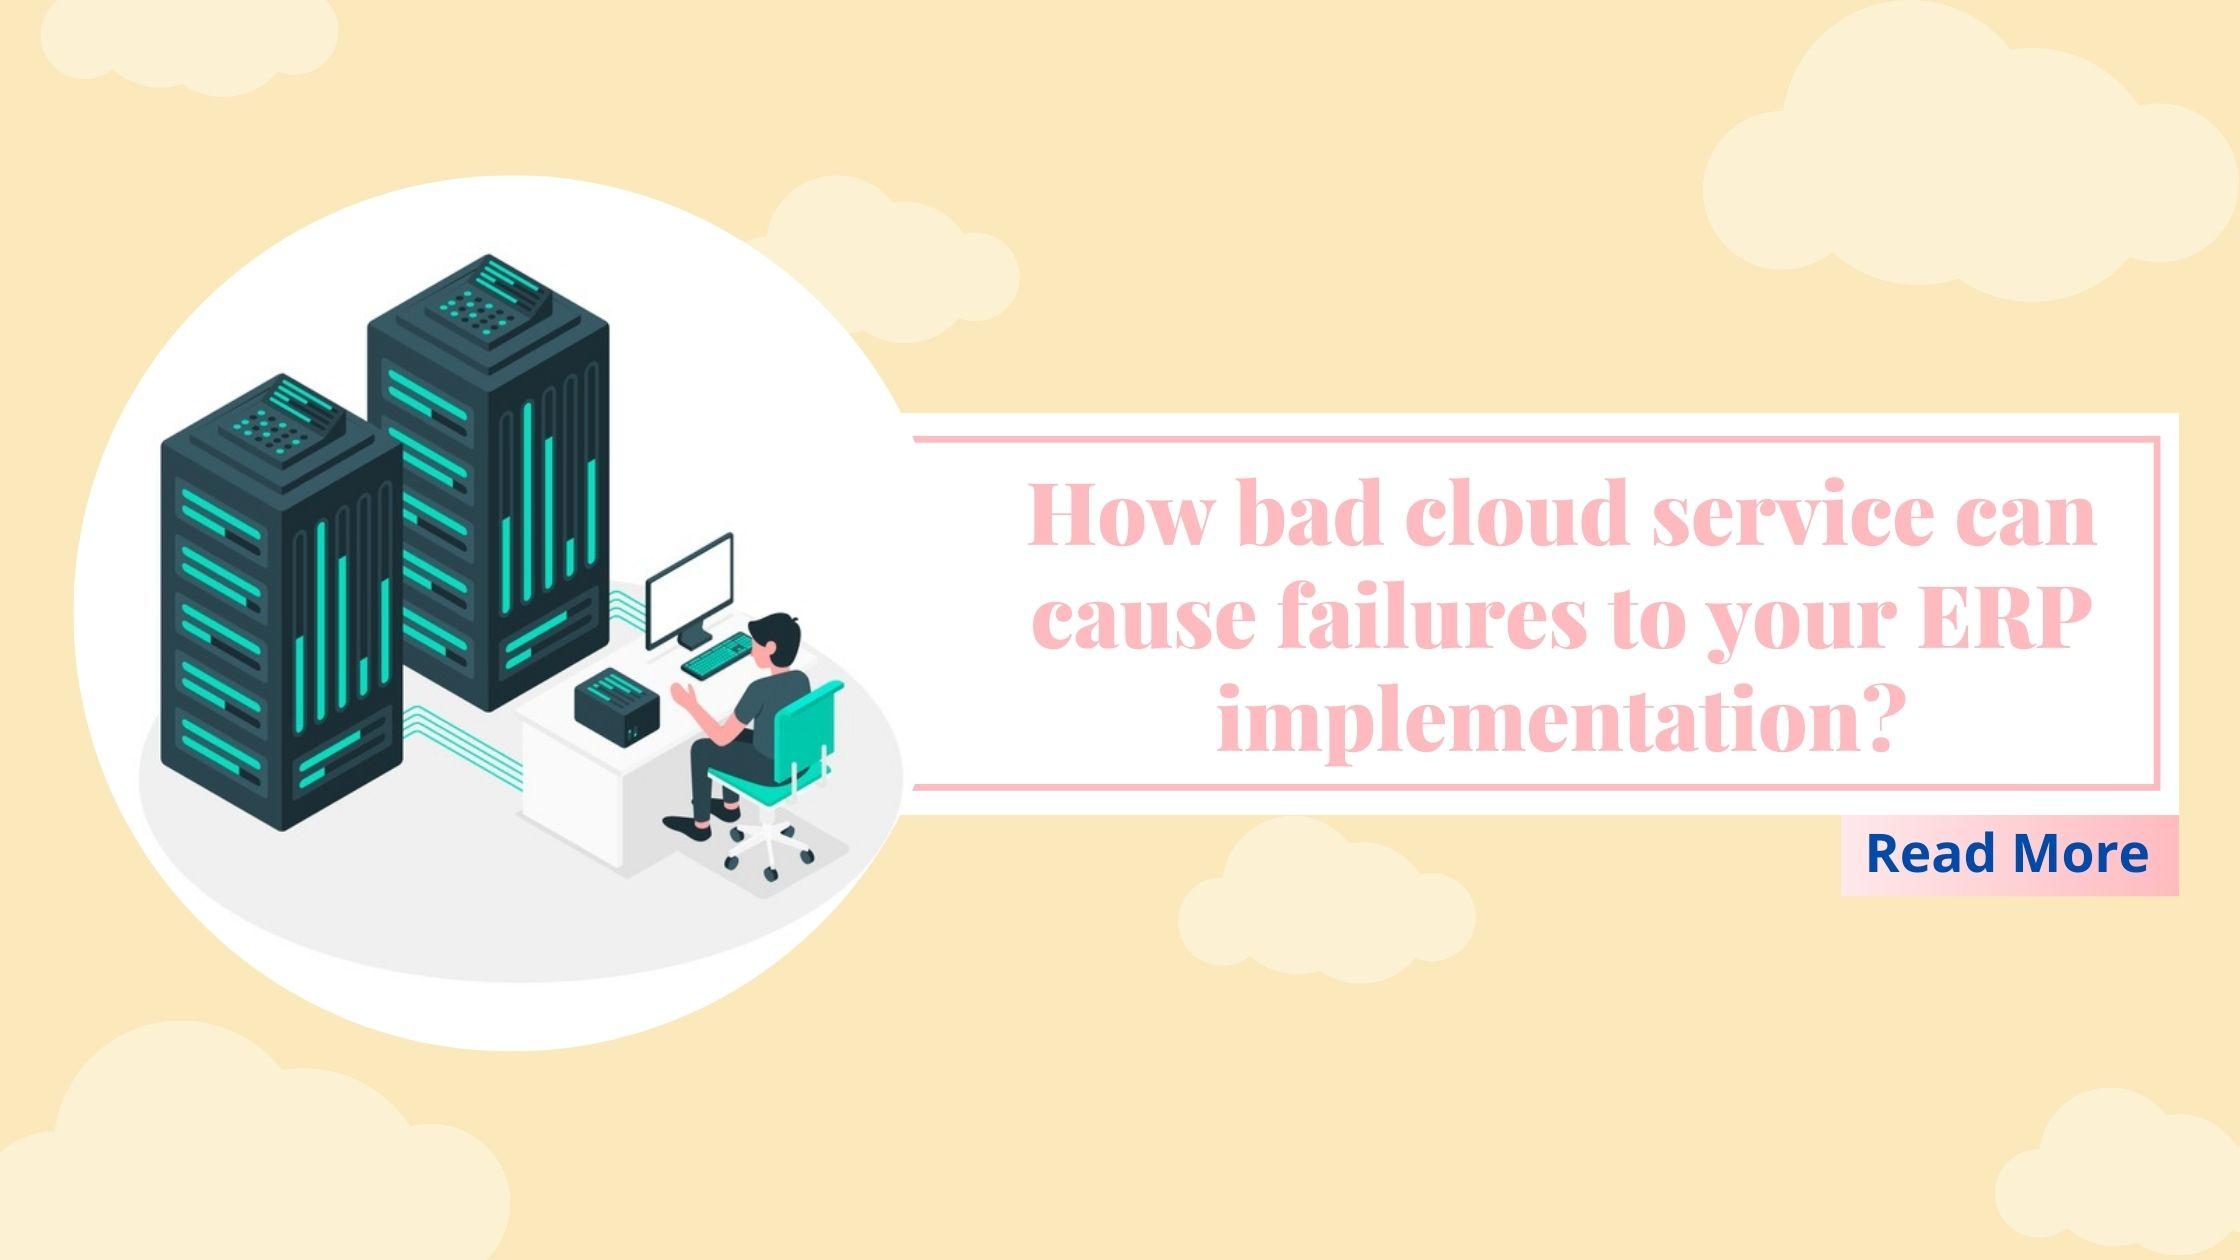 Cloud service ERP implementation